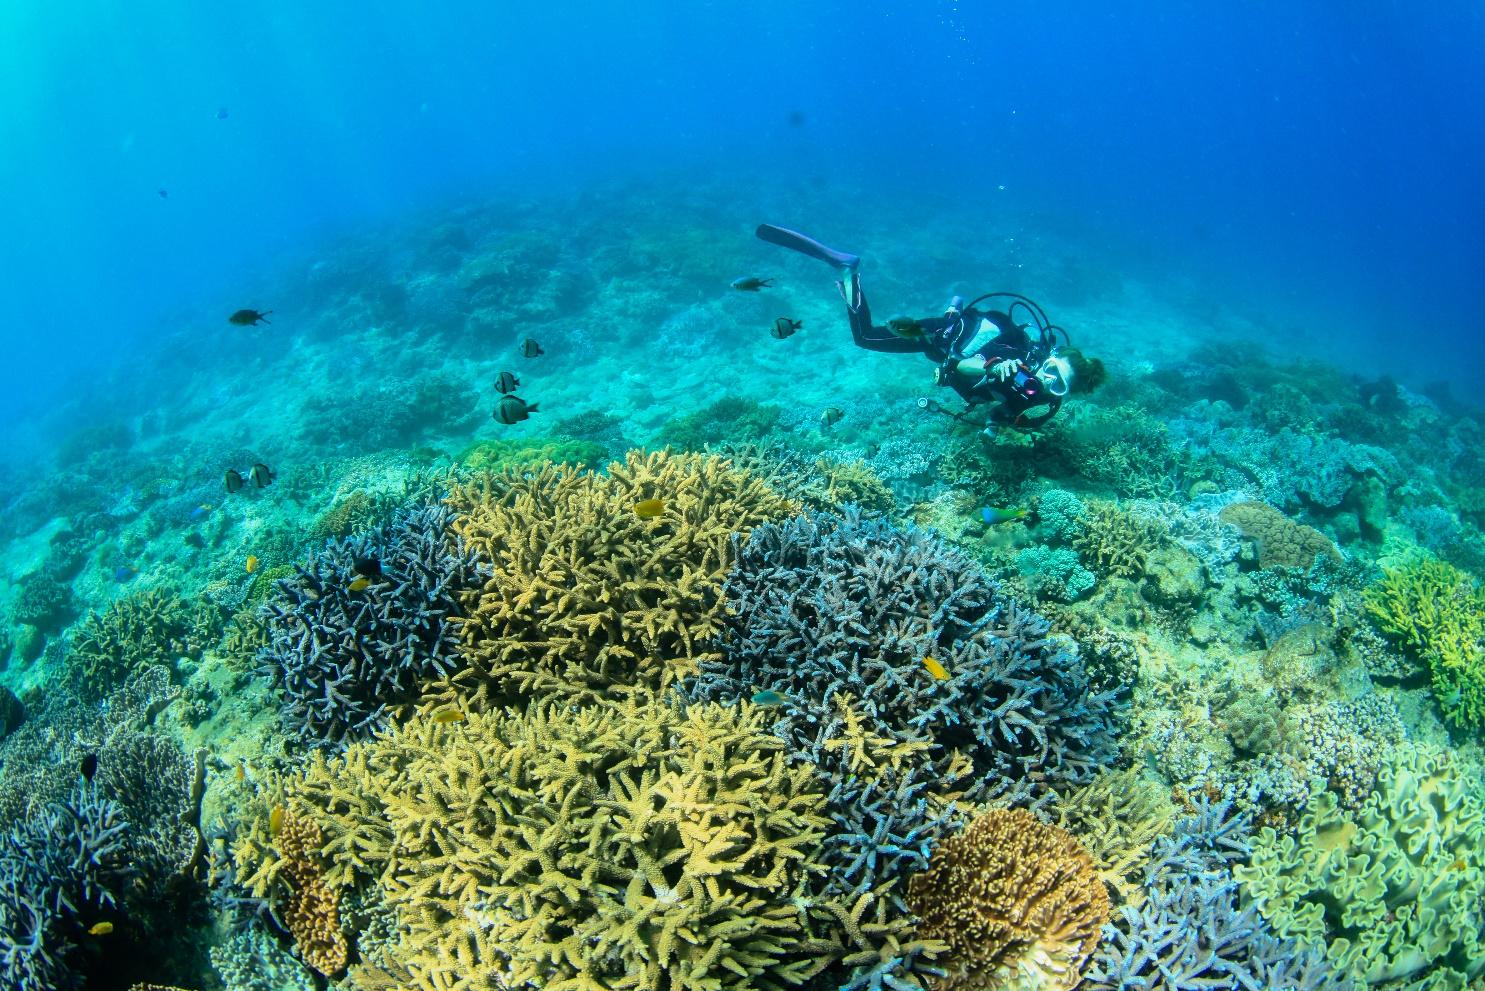 【ランキング】2021年9月に人気だった海やダイビングのニュース・コラム・おもしろ記事